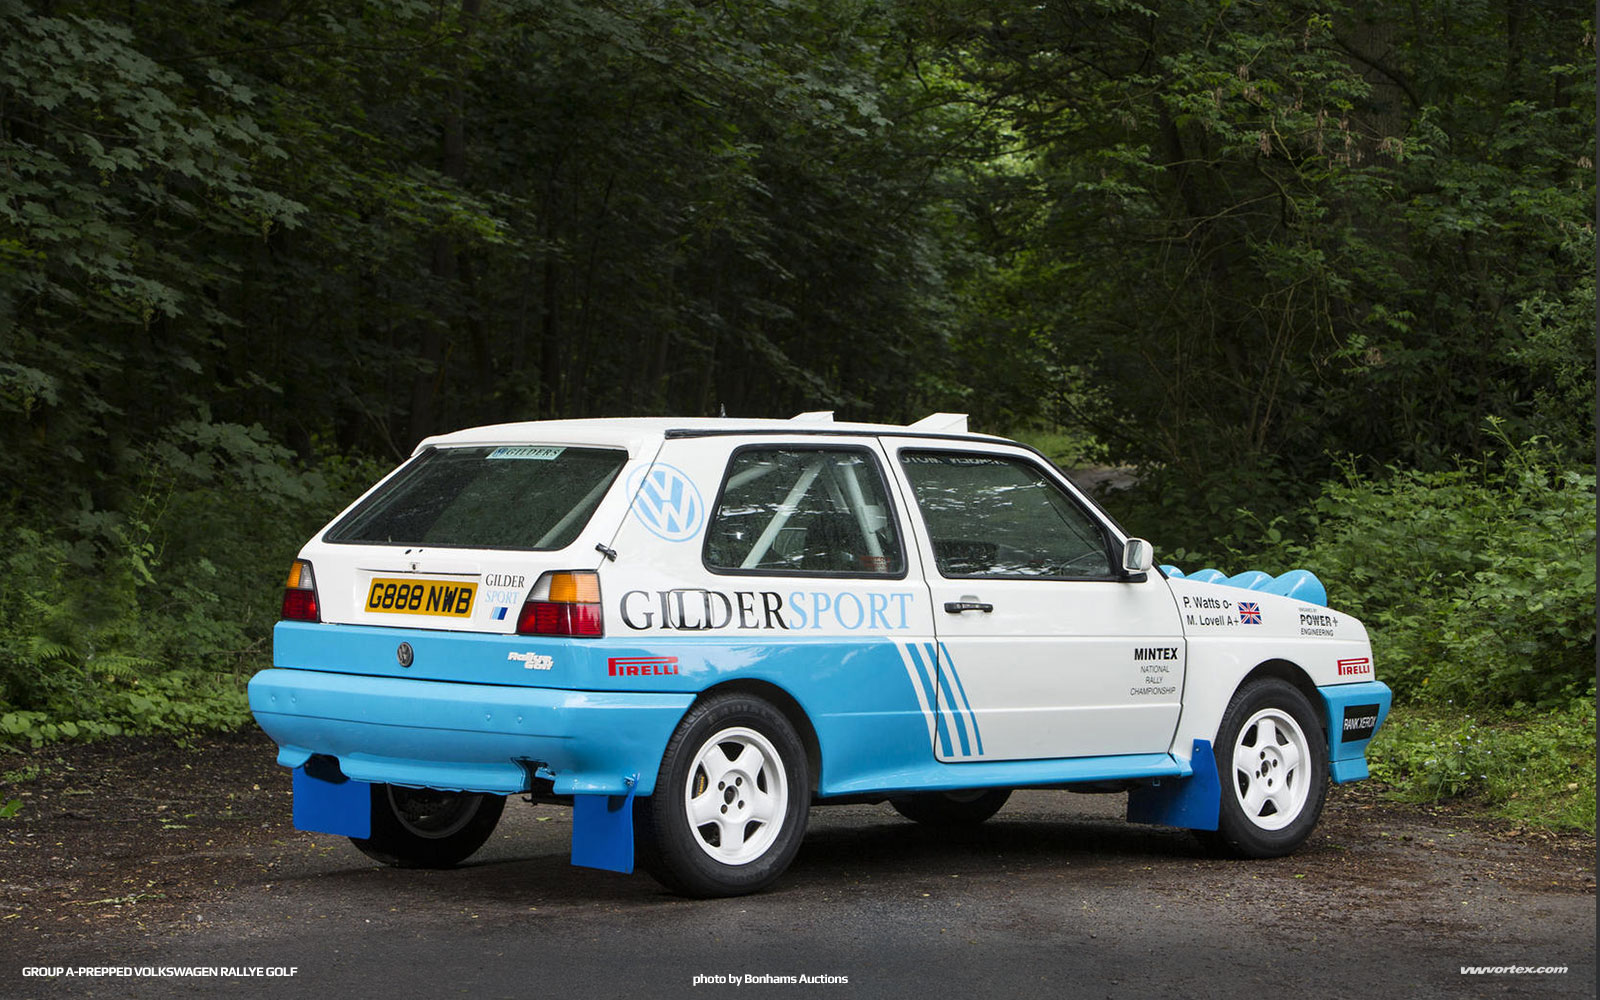 Volkswagen-Rallye-Golf-Group-A-4